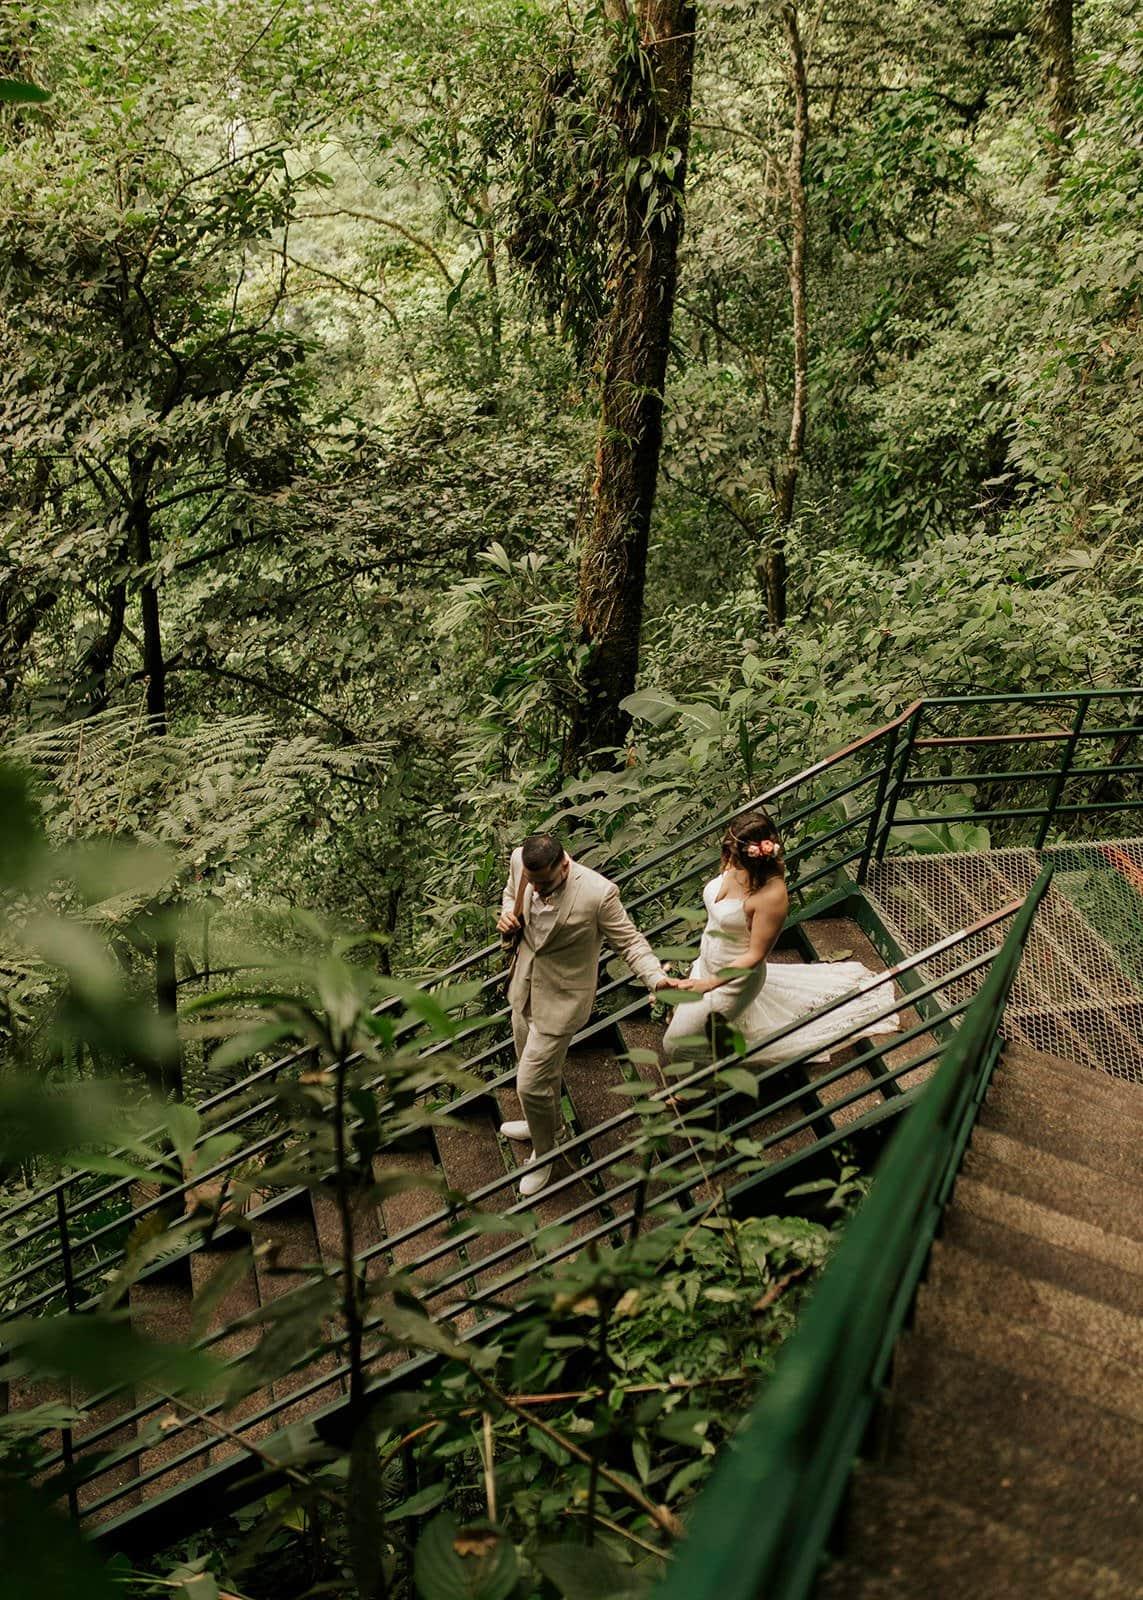 couple in Costa rica rainforest